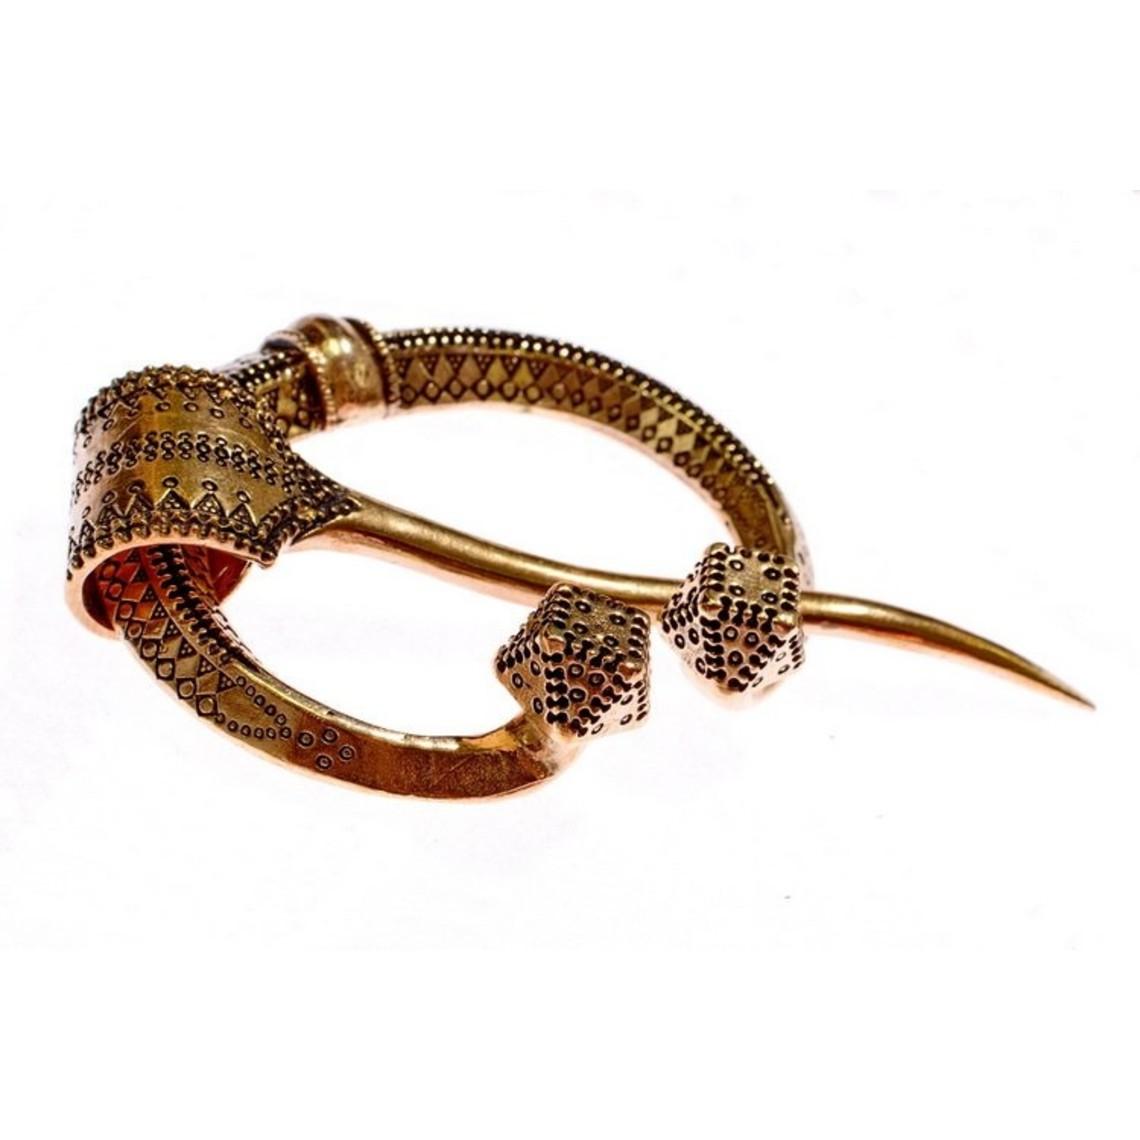 Fibula herradura Klintegarda, bronce